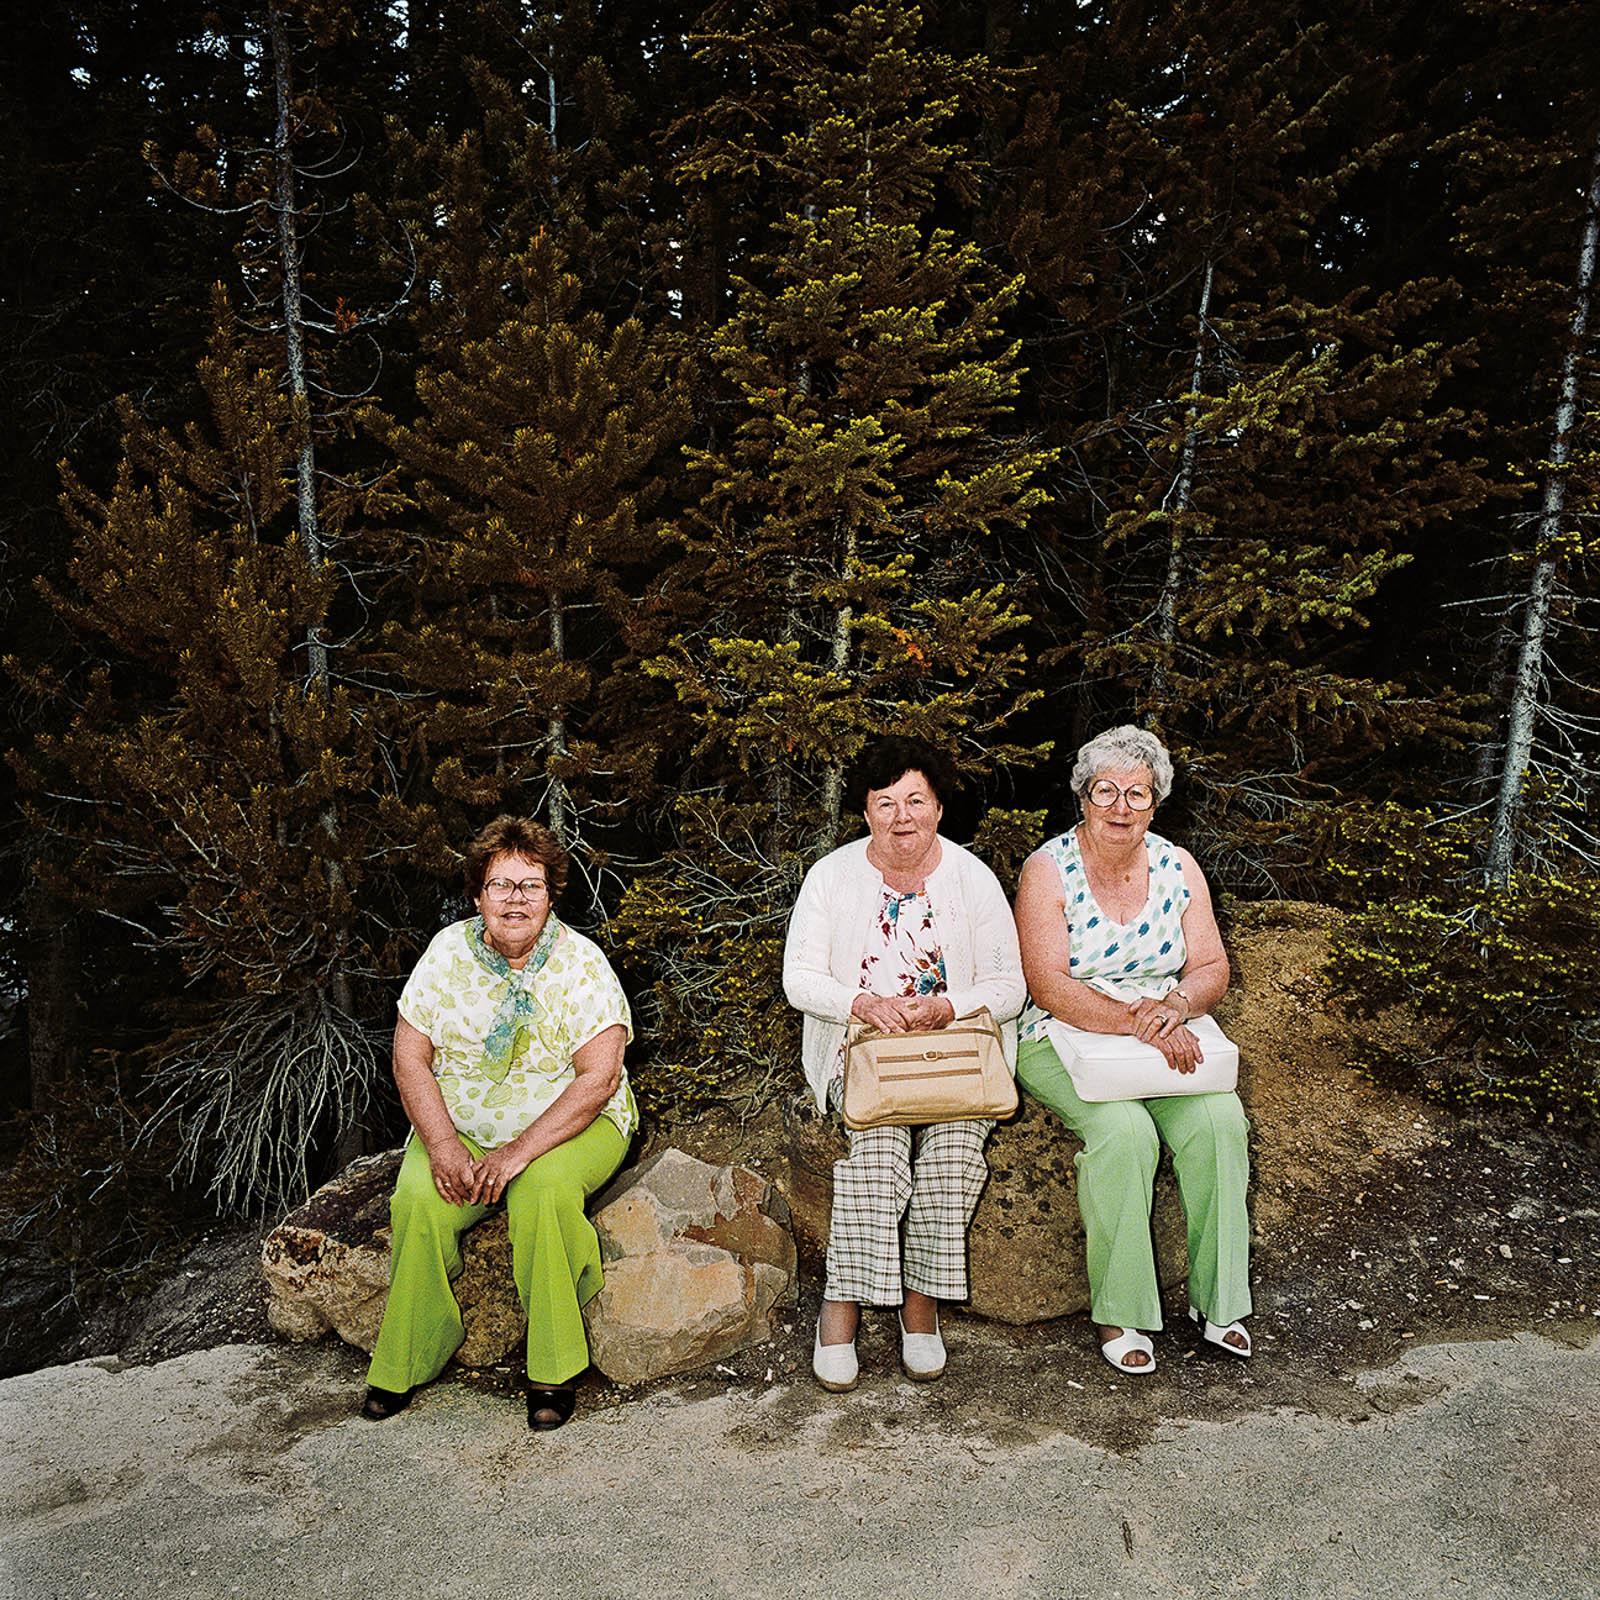 Three Women at Yellowstone National Park, Wyoming 1980